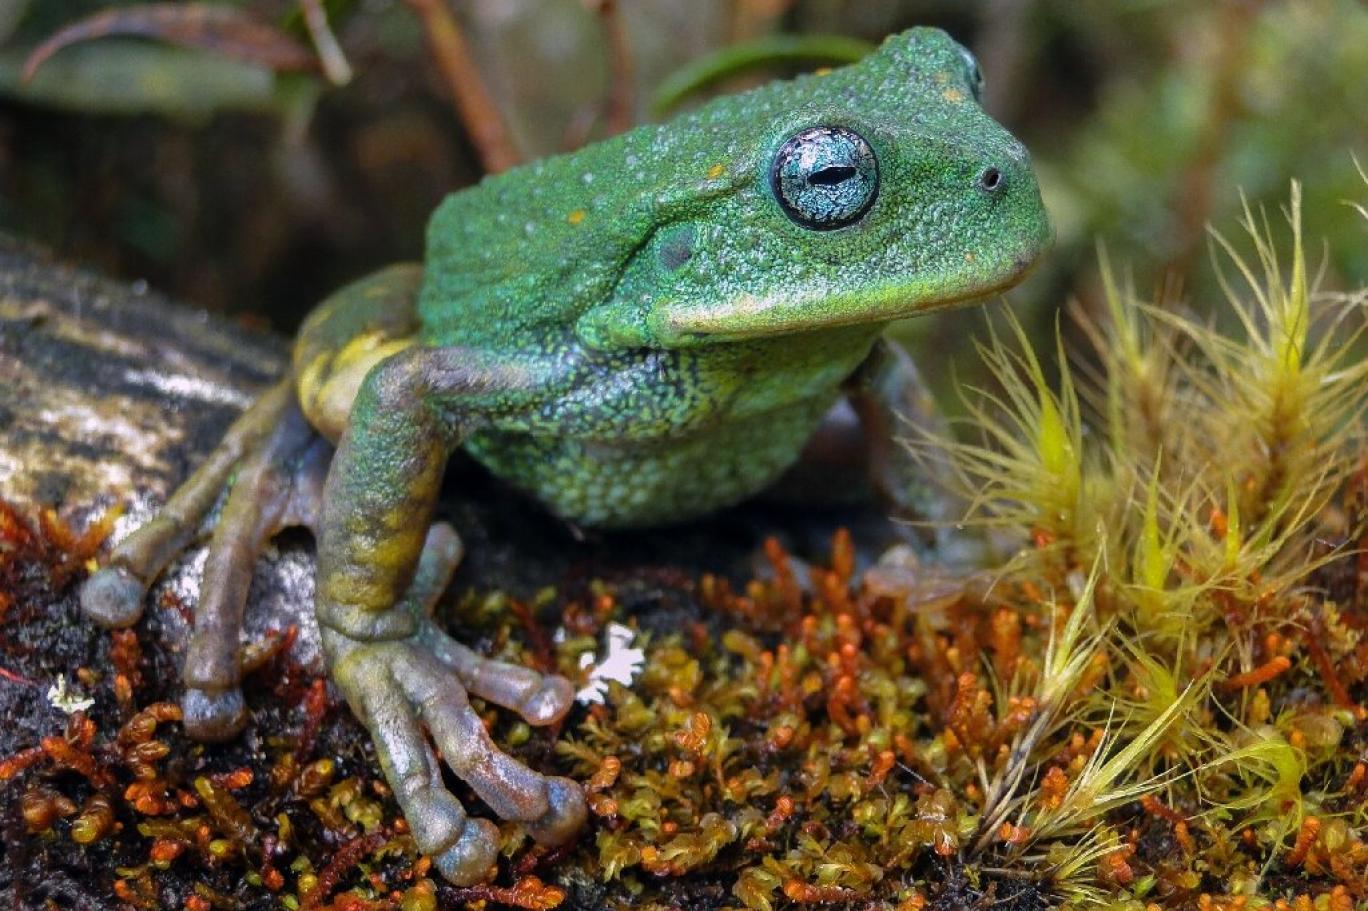 Amazon'da Yeni Kurbağa Türü Keşfedildi: Turkuaz Gözleri ve Lekesiz Cildiyle Dikkat Çekiyor